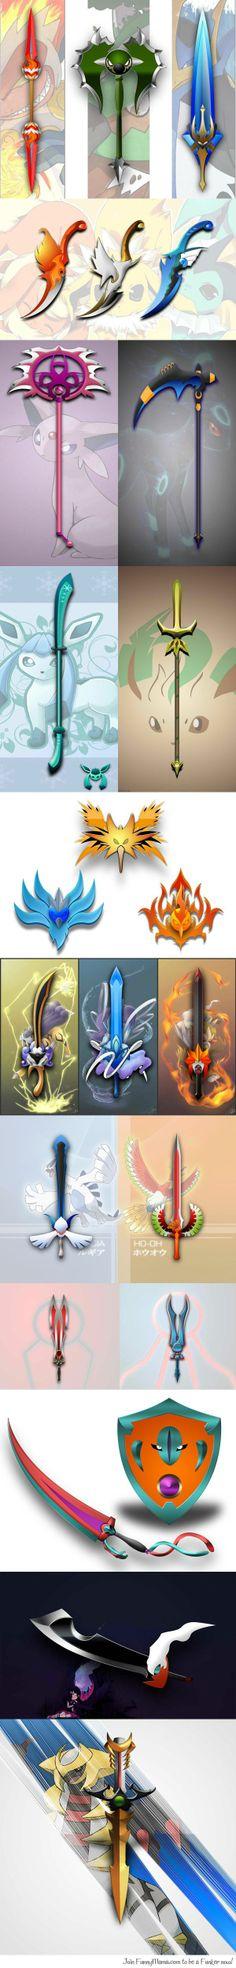 Pokèmon weapons.